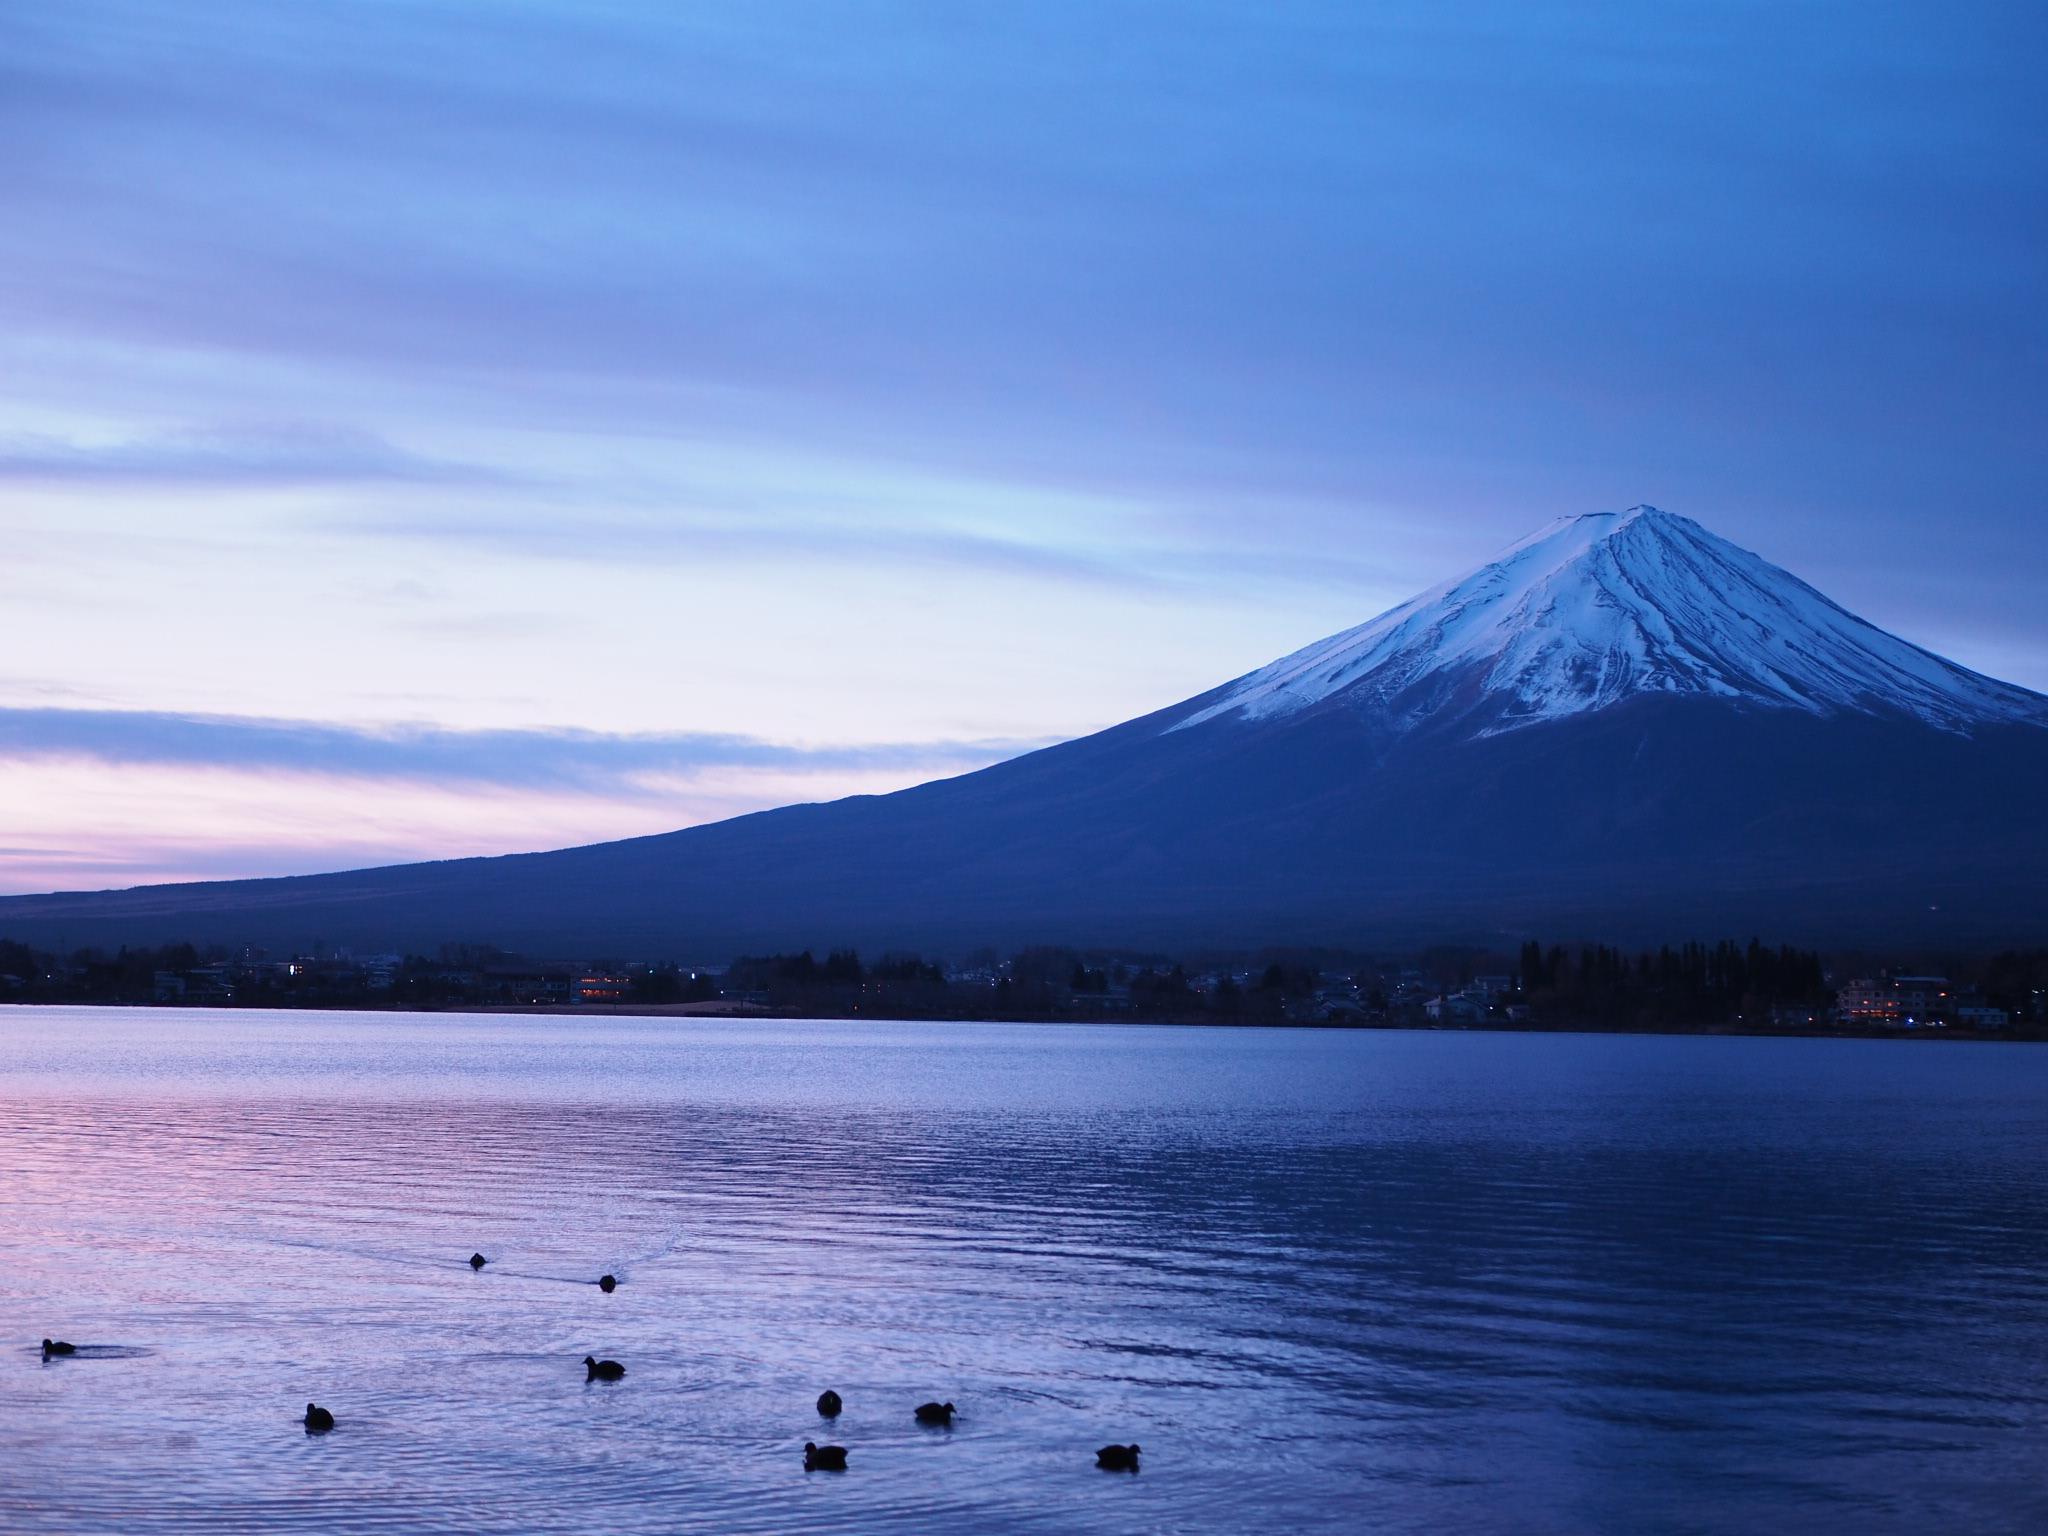 【#河口湖合宿】富士山の目の前のペンションでわいわい一泊旅♩〜宿編〜_10